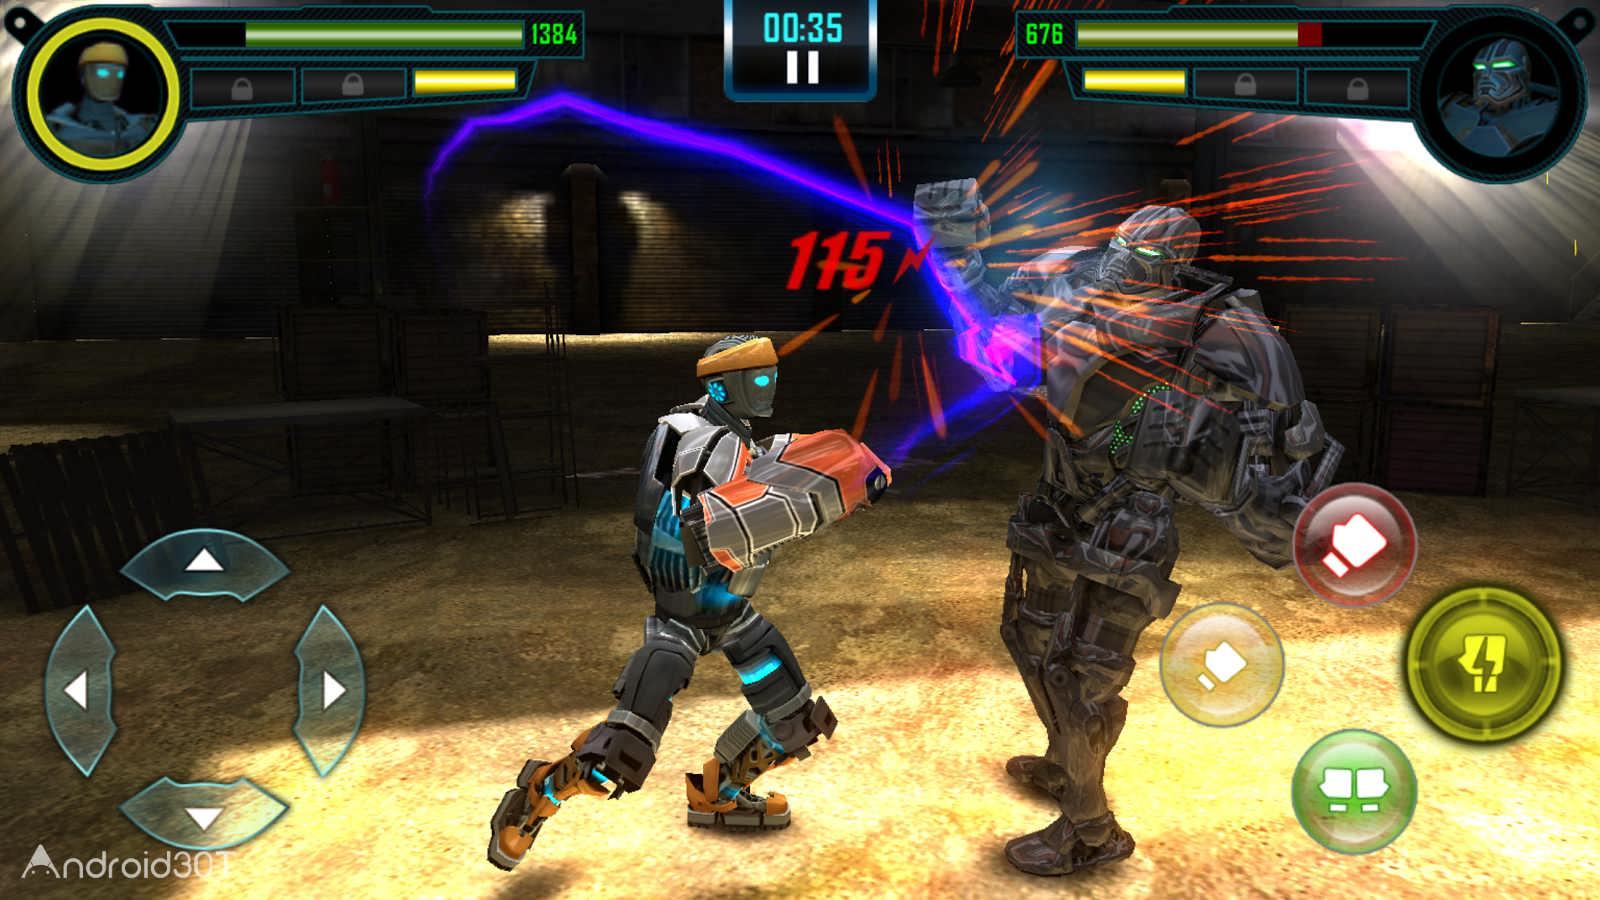 دانلود Real Steel World Robot Boxing 58.58.115 – بازی بوکس ربات ها اندروید